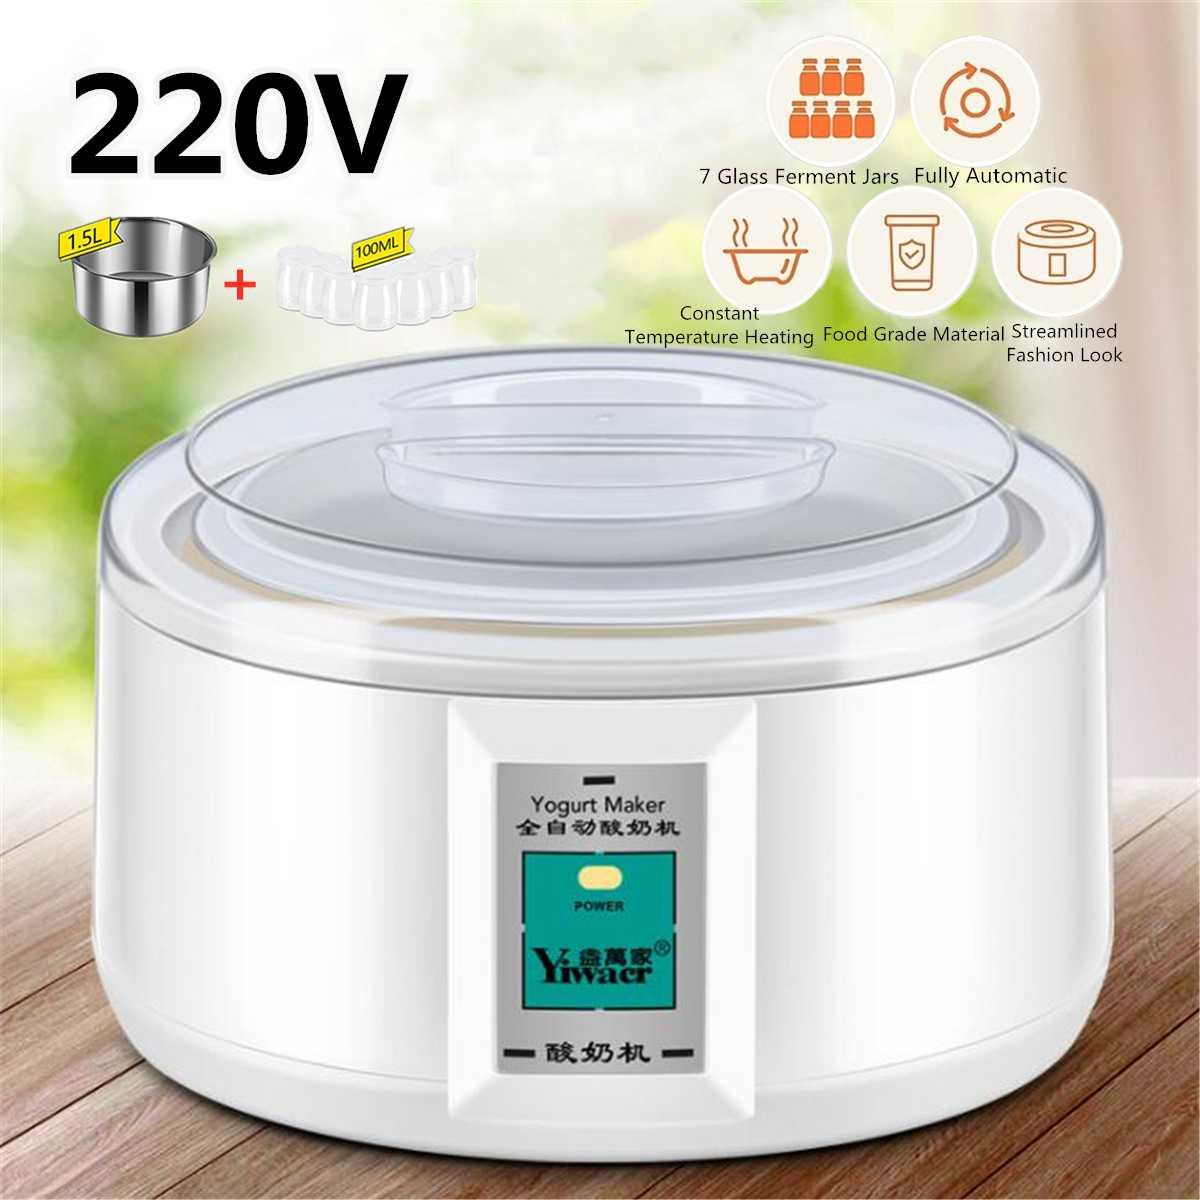 Автоматическая электрическая Йогуртница, многофункциональный контейнер из нержавеющей стали, контейнер для риса, вина Natto, четыре чашки для йогурта, 1,5 л